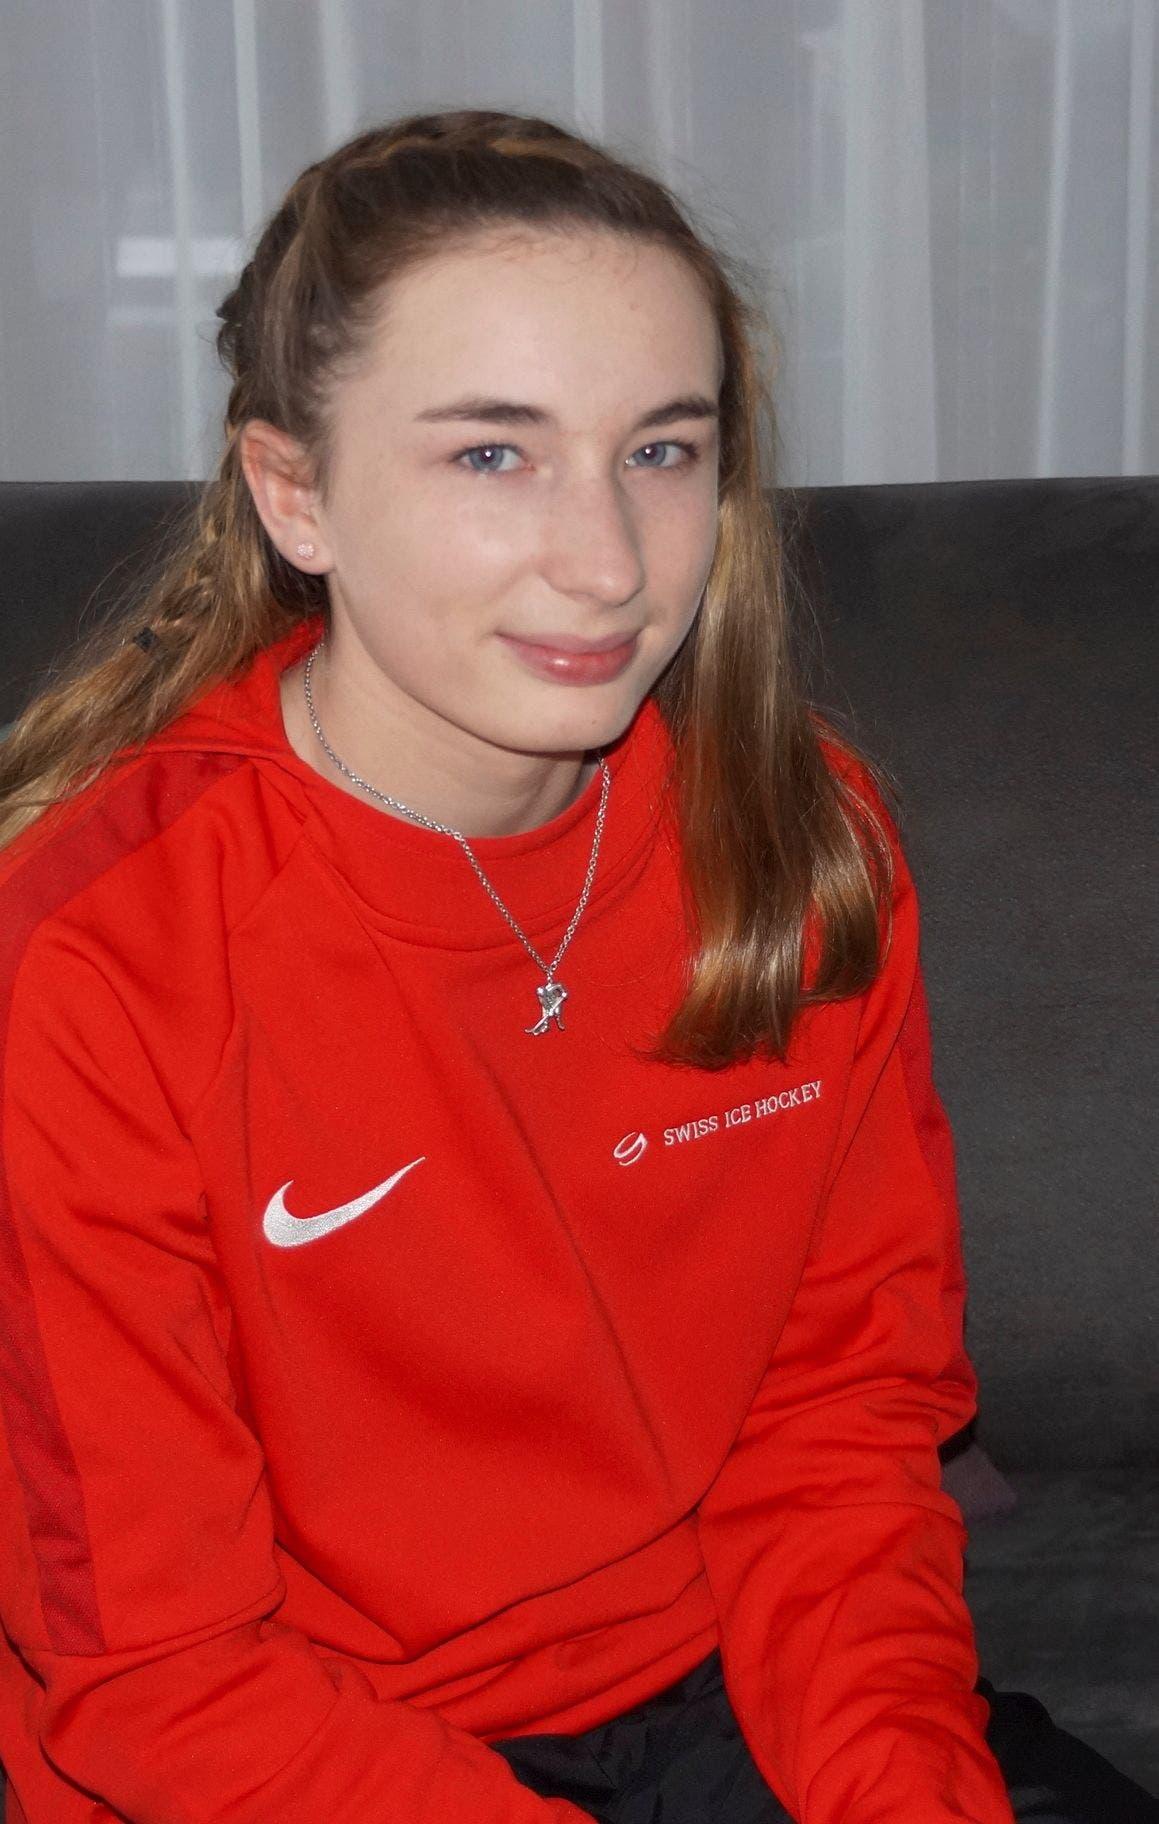 ... und Eishockeyspielerin Valerie Christmann.